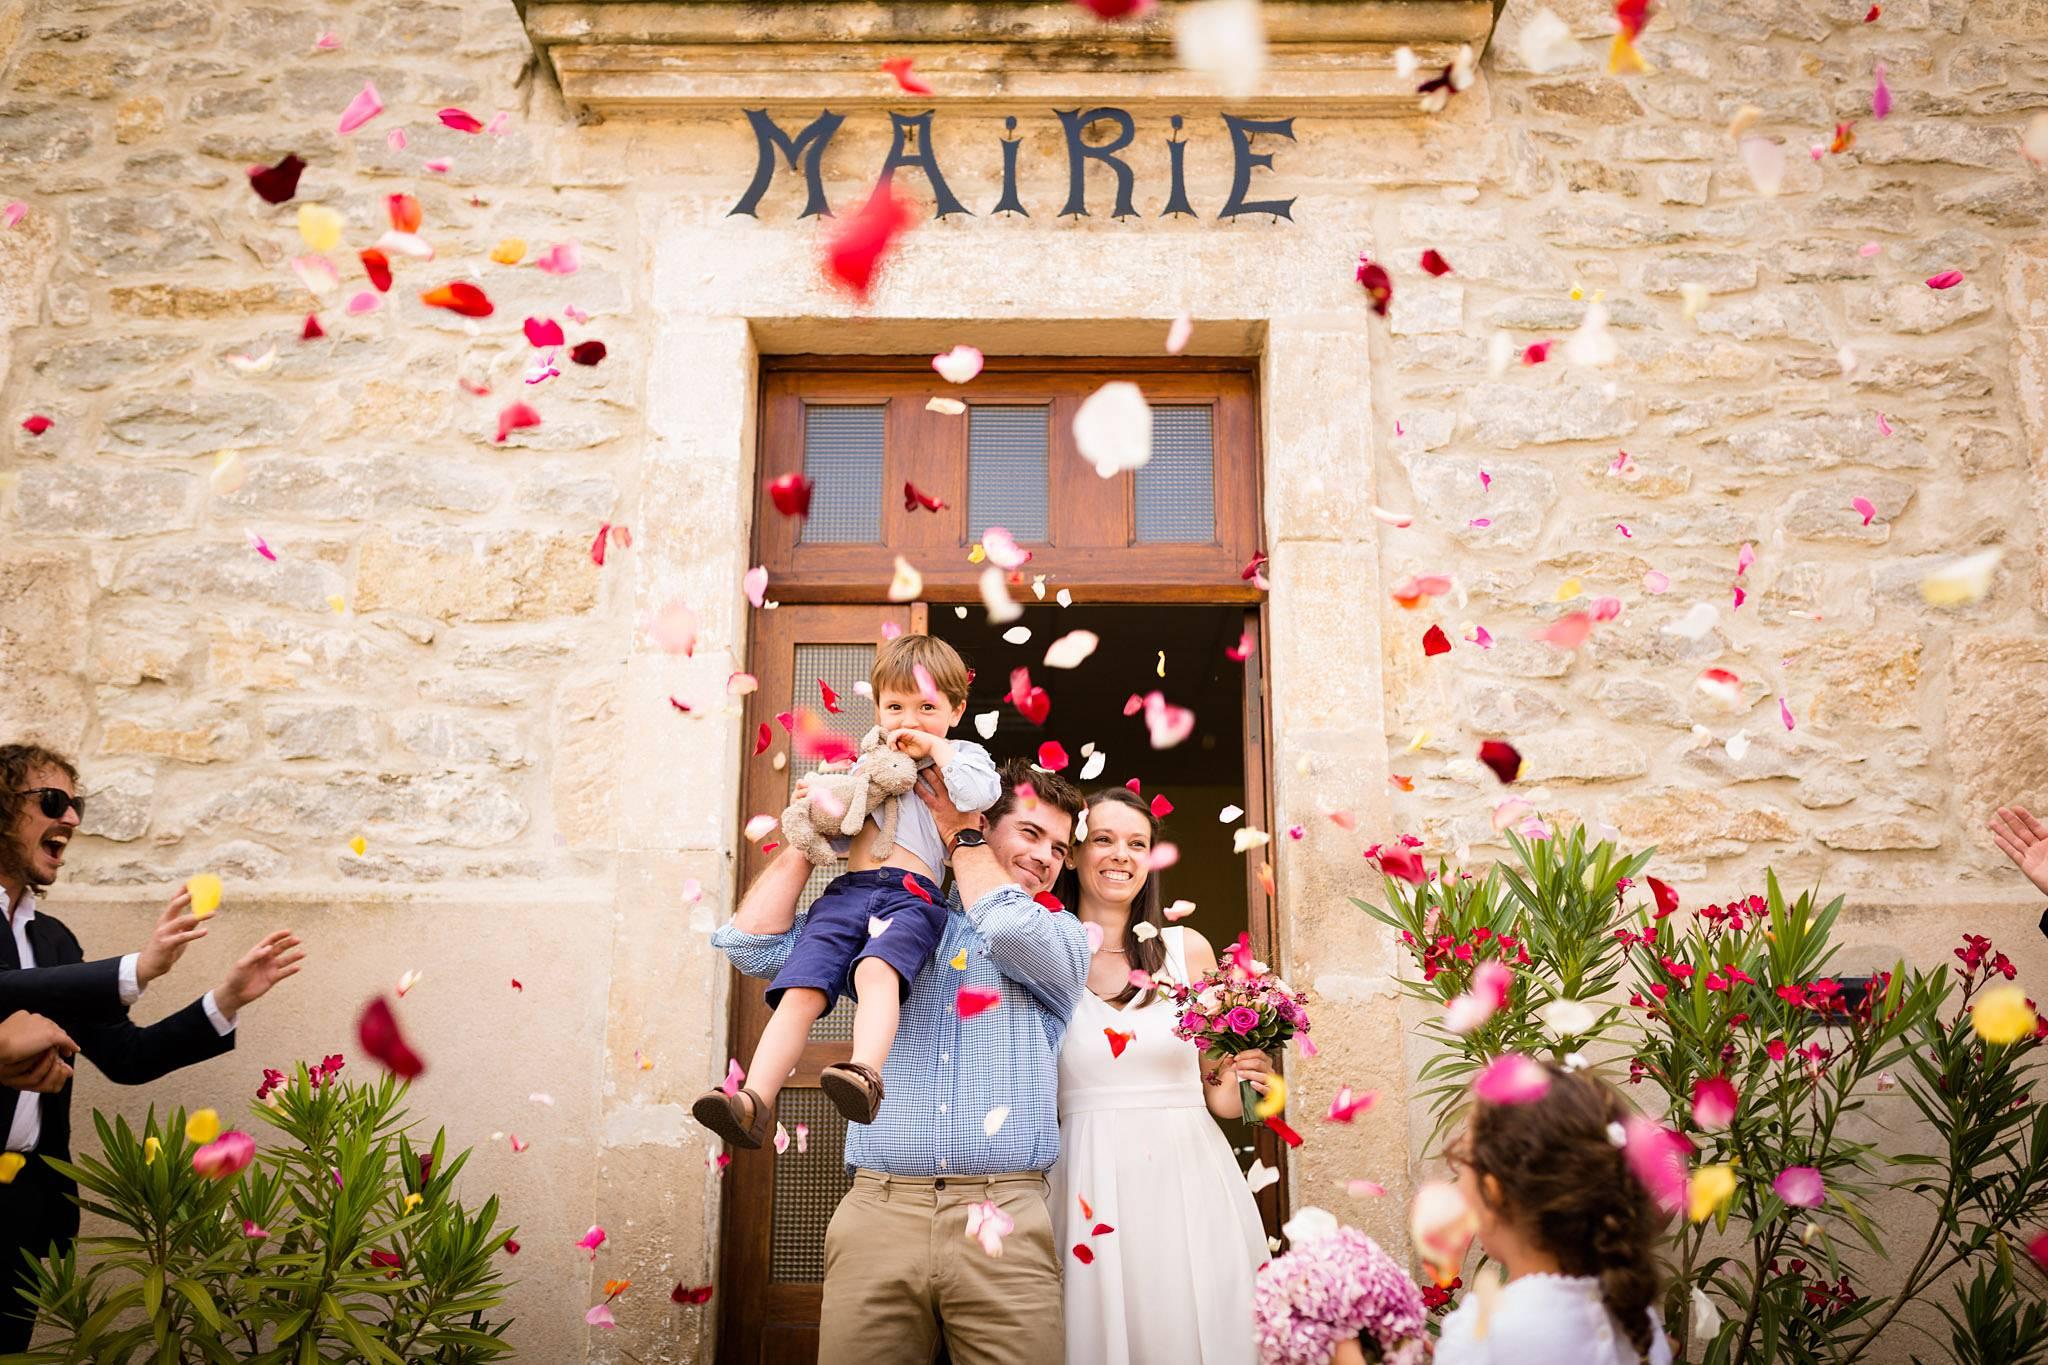 Quelques photos du mariage en Ardèche au Château Liviers d'Oriane et Guillaume, de leur cérémonie civile et laïque dans un cadre naturel avec Photobooth.